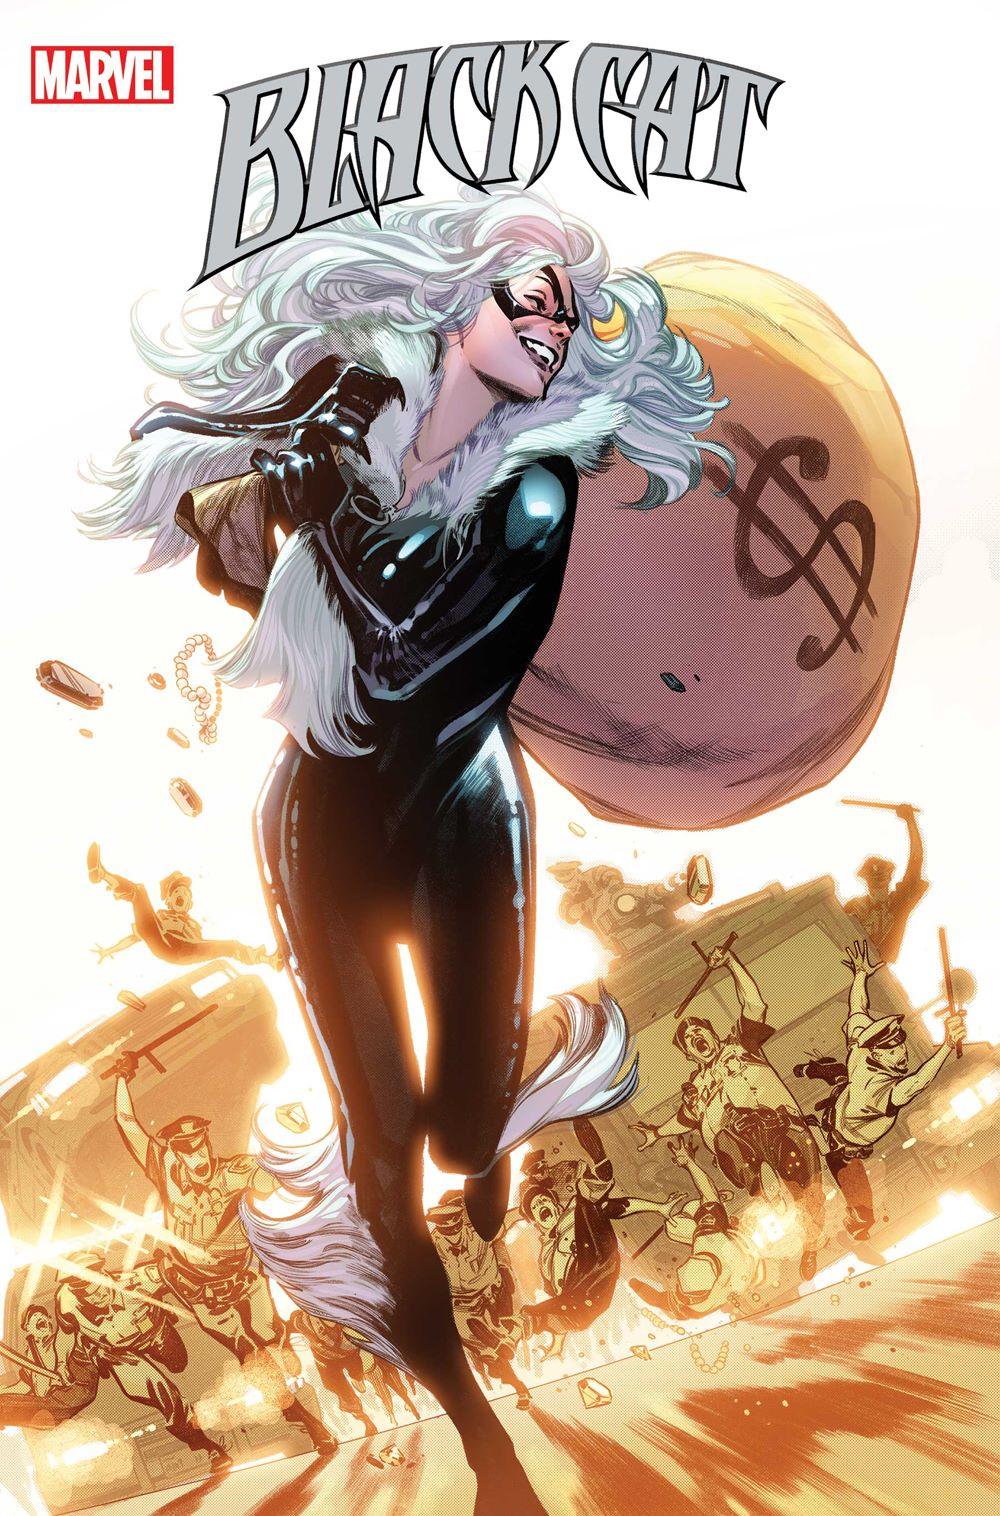 BLACKCAT2020007_cov Marvel Comics June 2021 Solicitations